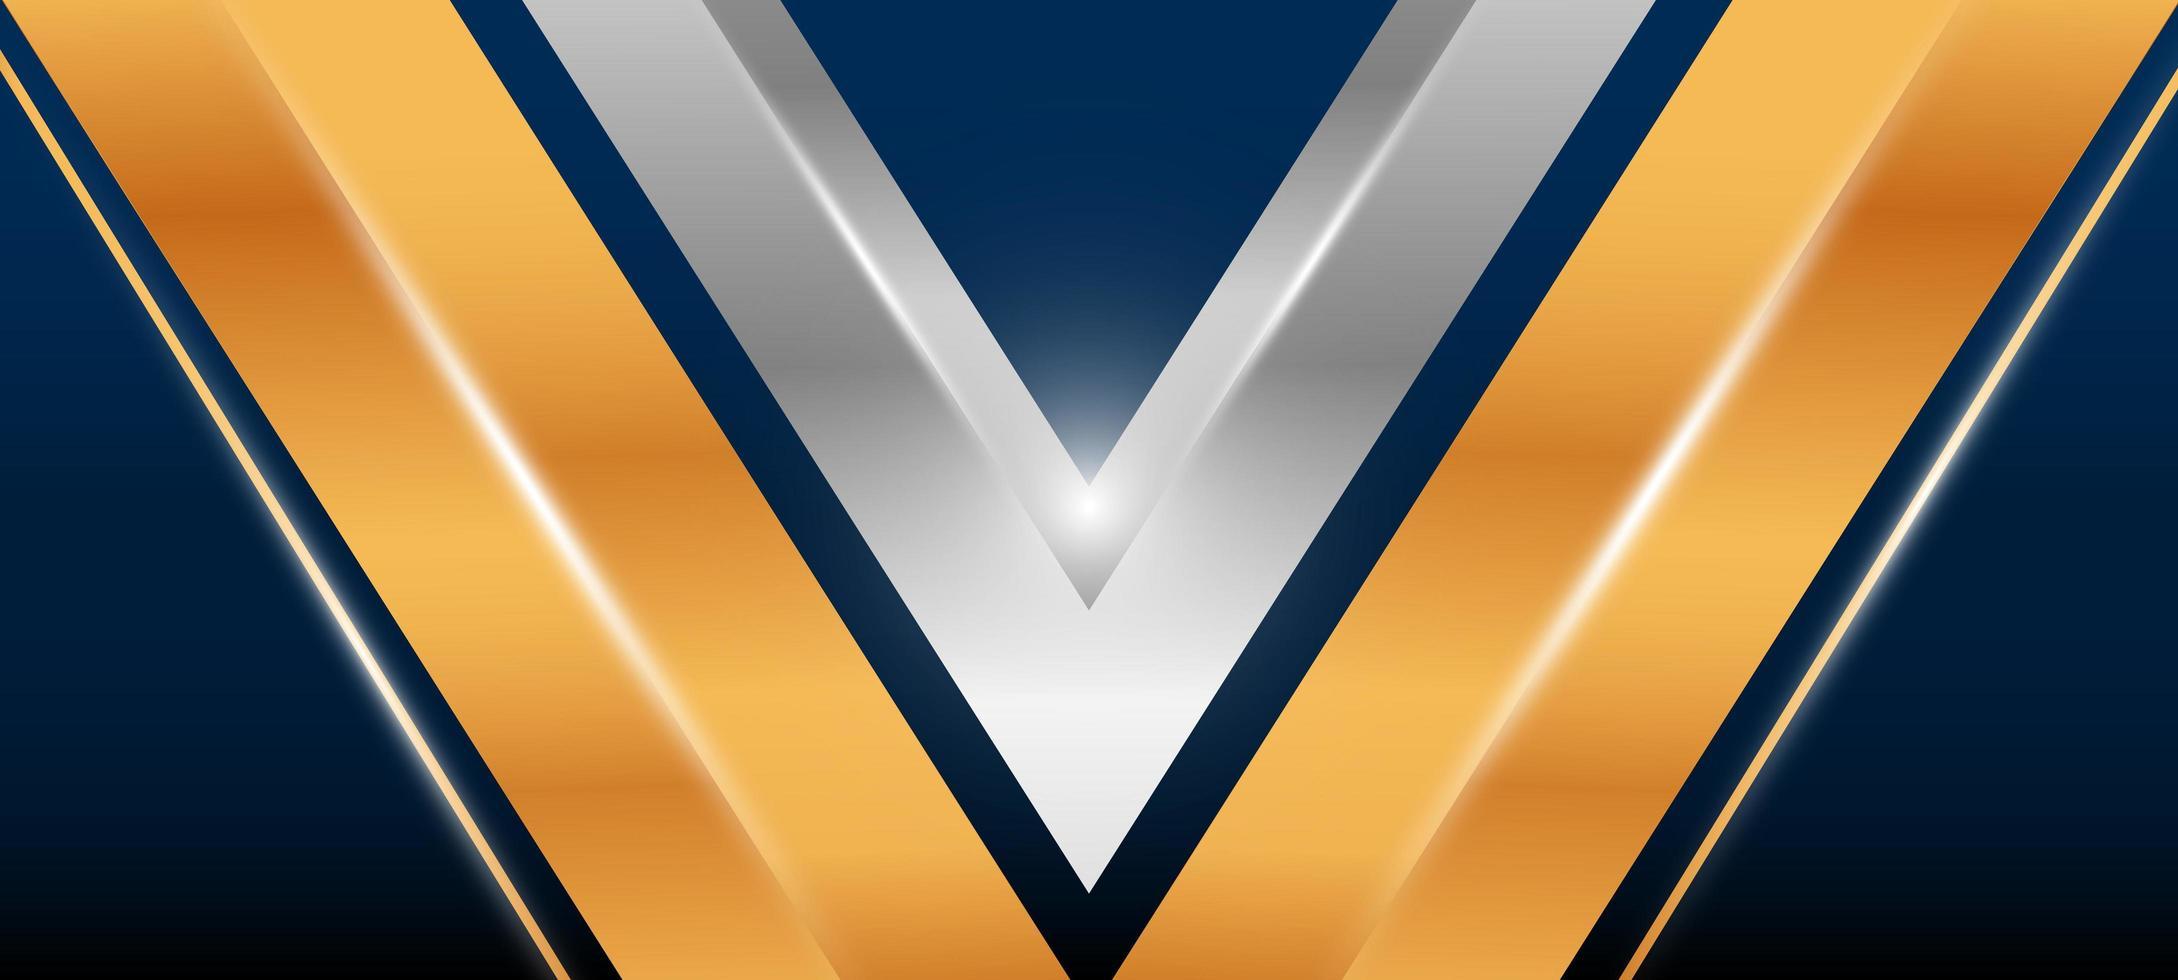 Elegant gold and silver V shape background  vector